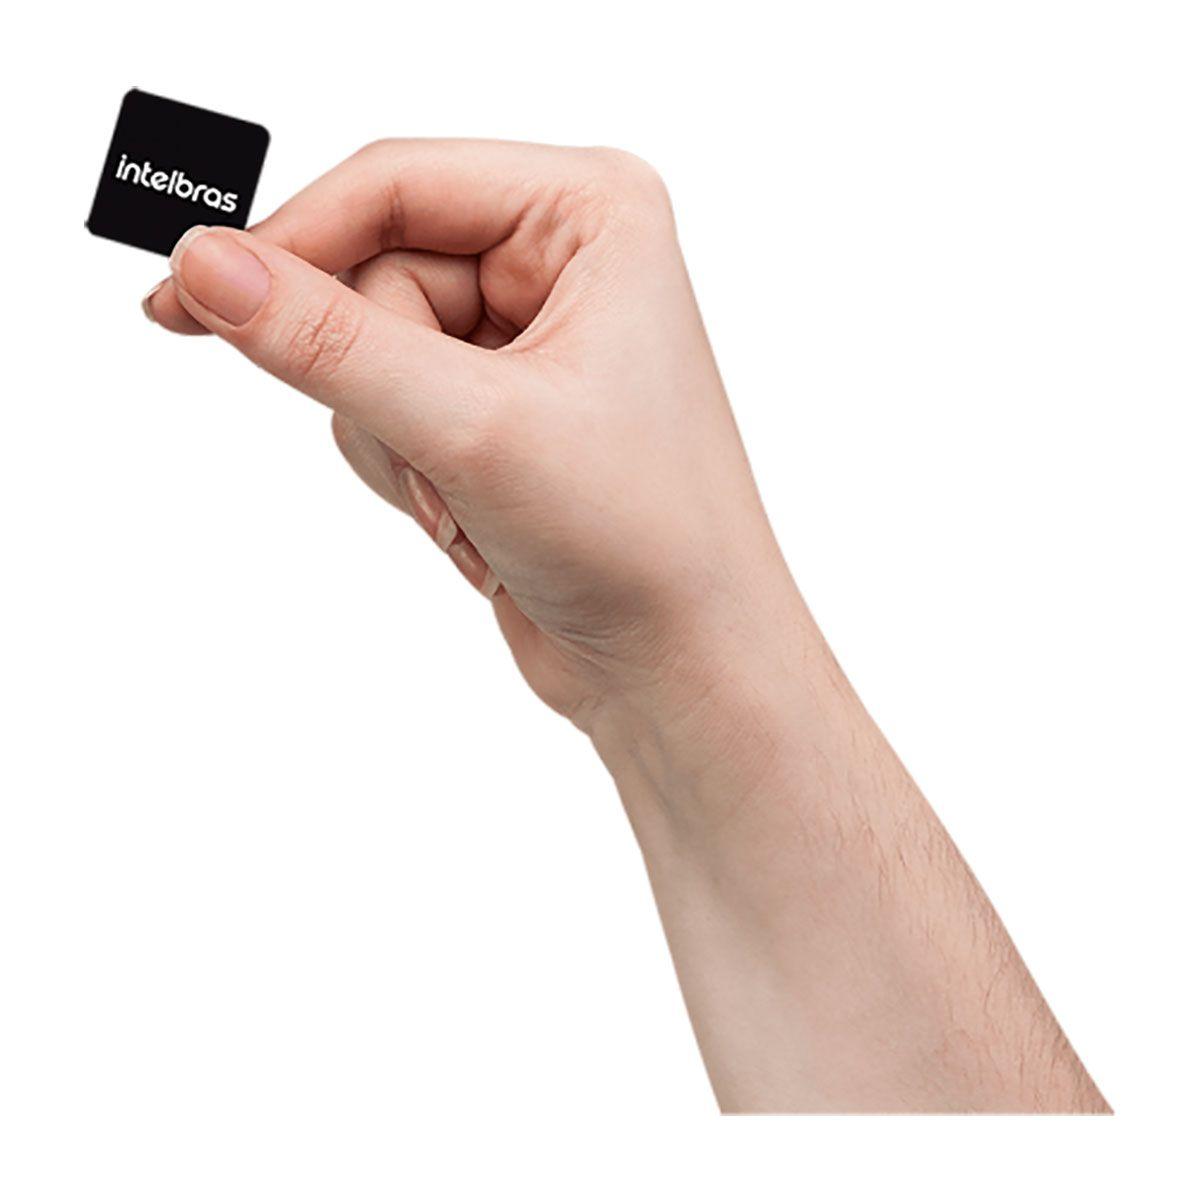 Fechadura digital de embutir Intelbras fr 330 com biometria e senha